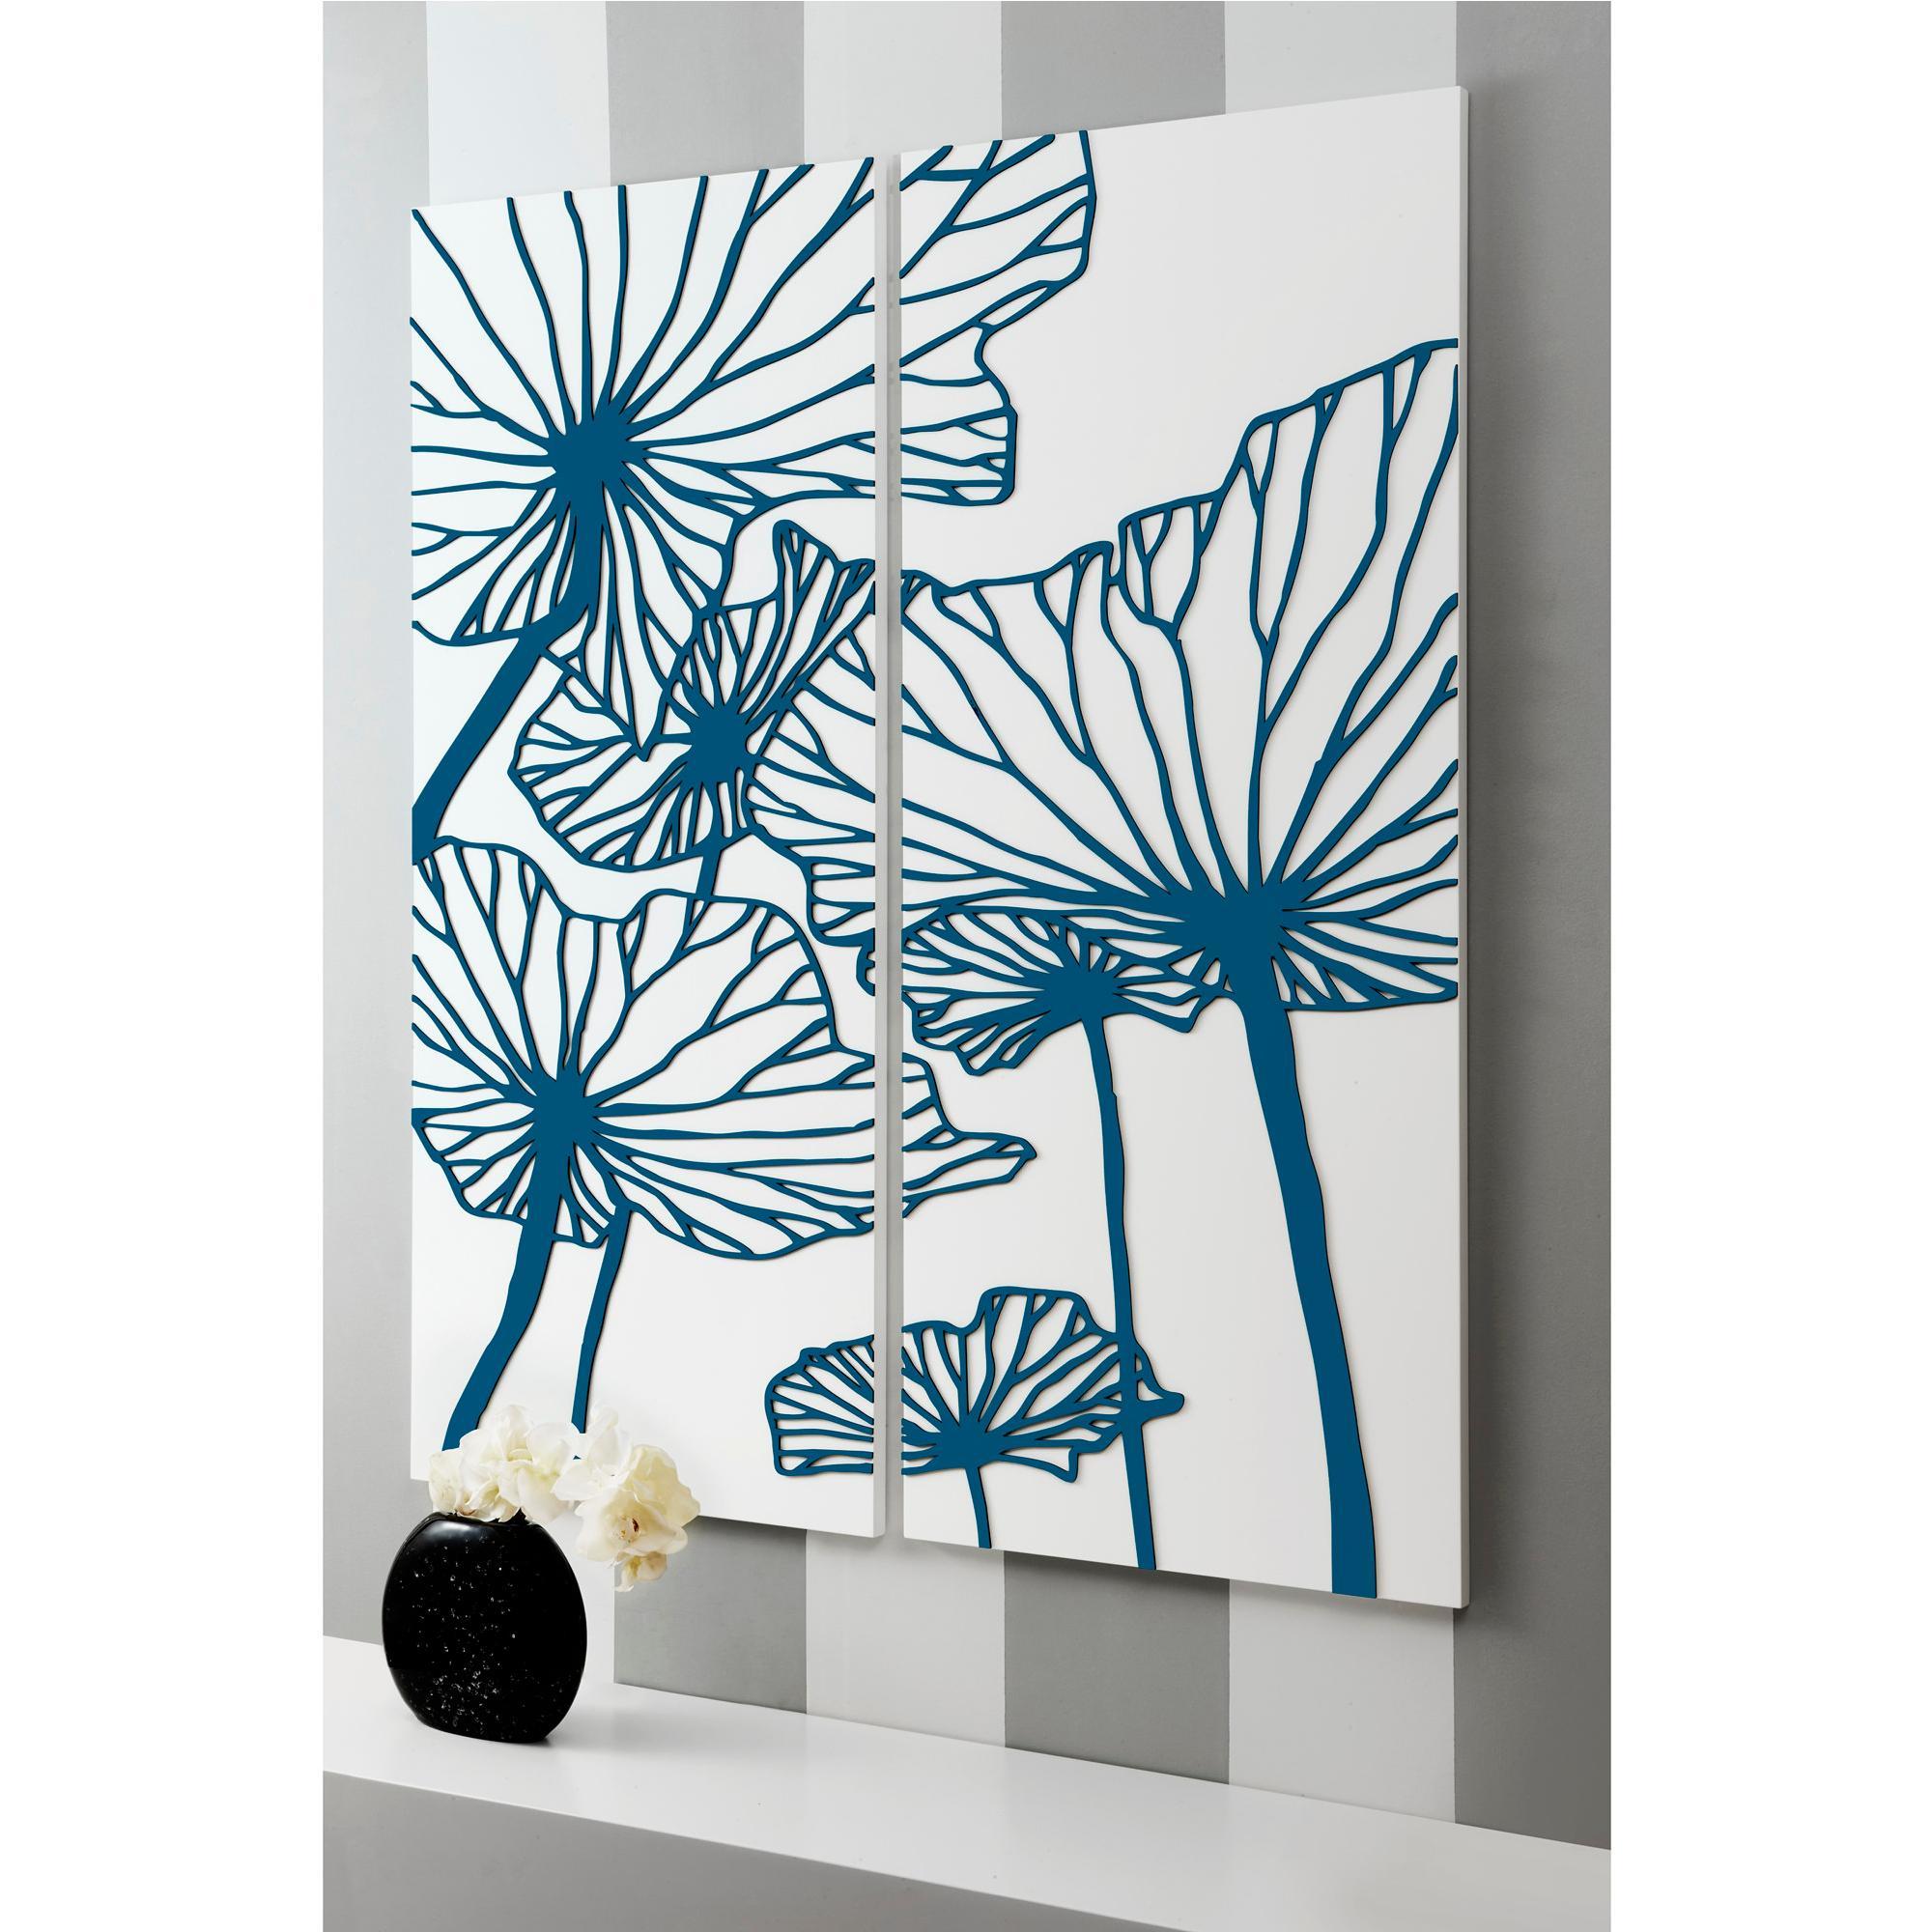 Arredamento Color Petrolio pannelli da parete, quadro da parete delicatesse 100xh120cm in legno  verticale bianco intarsi in legno color petrolio | i dettagli